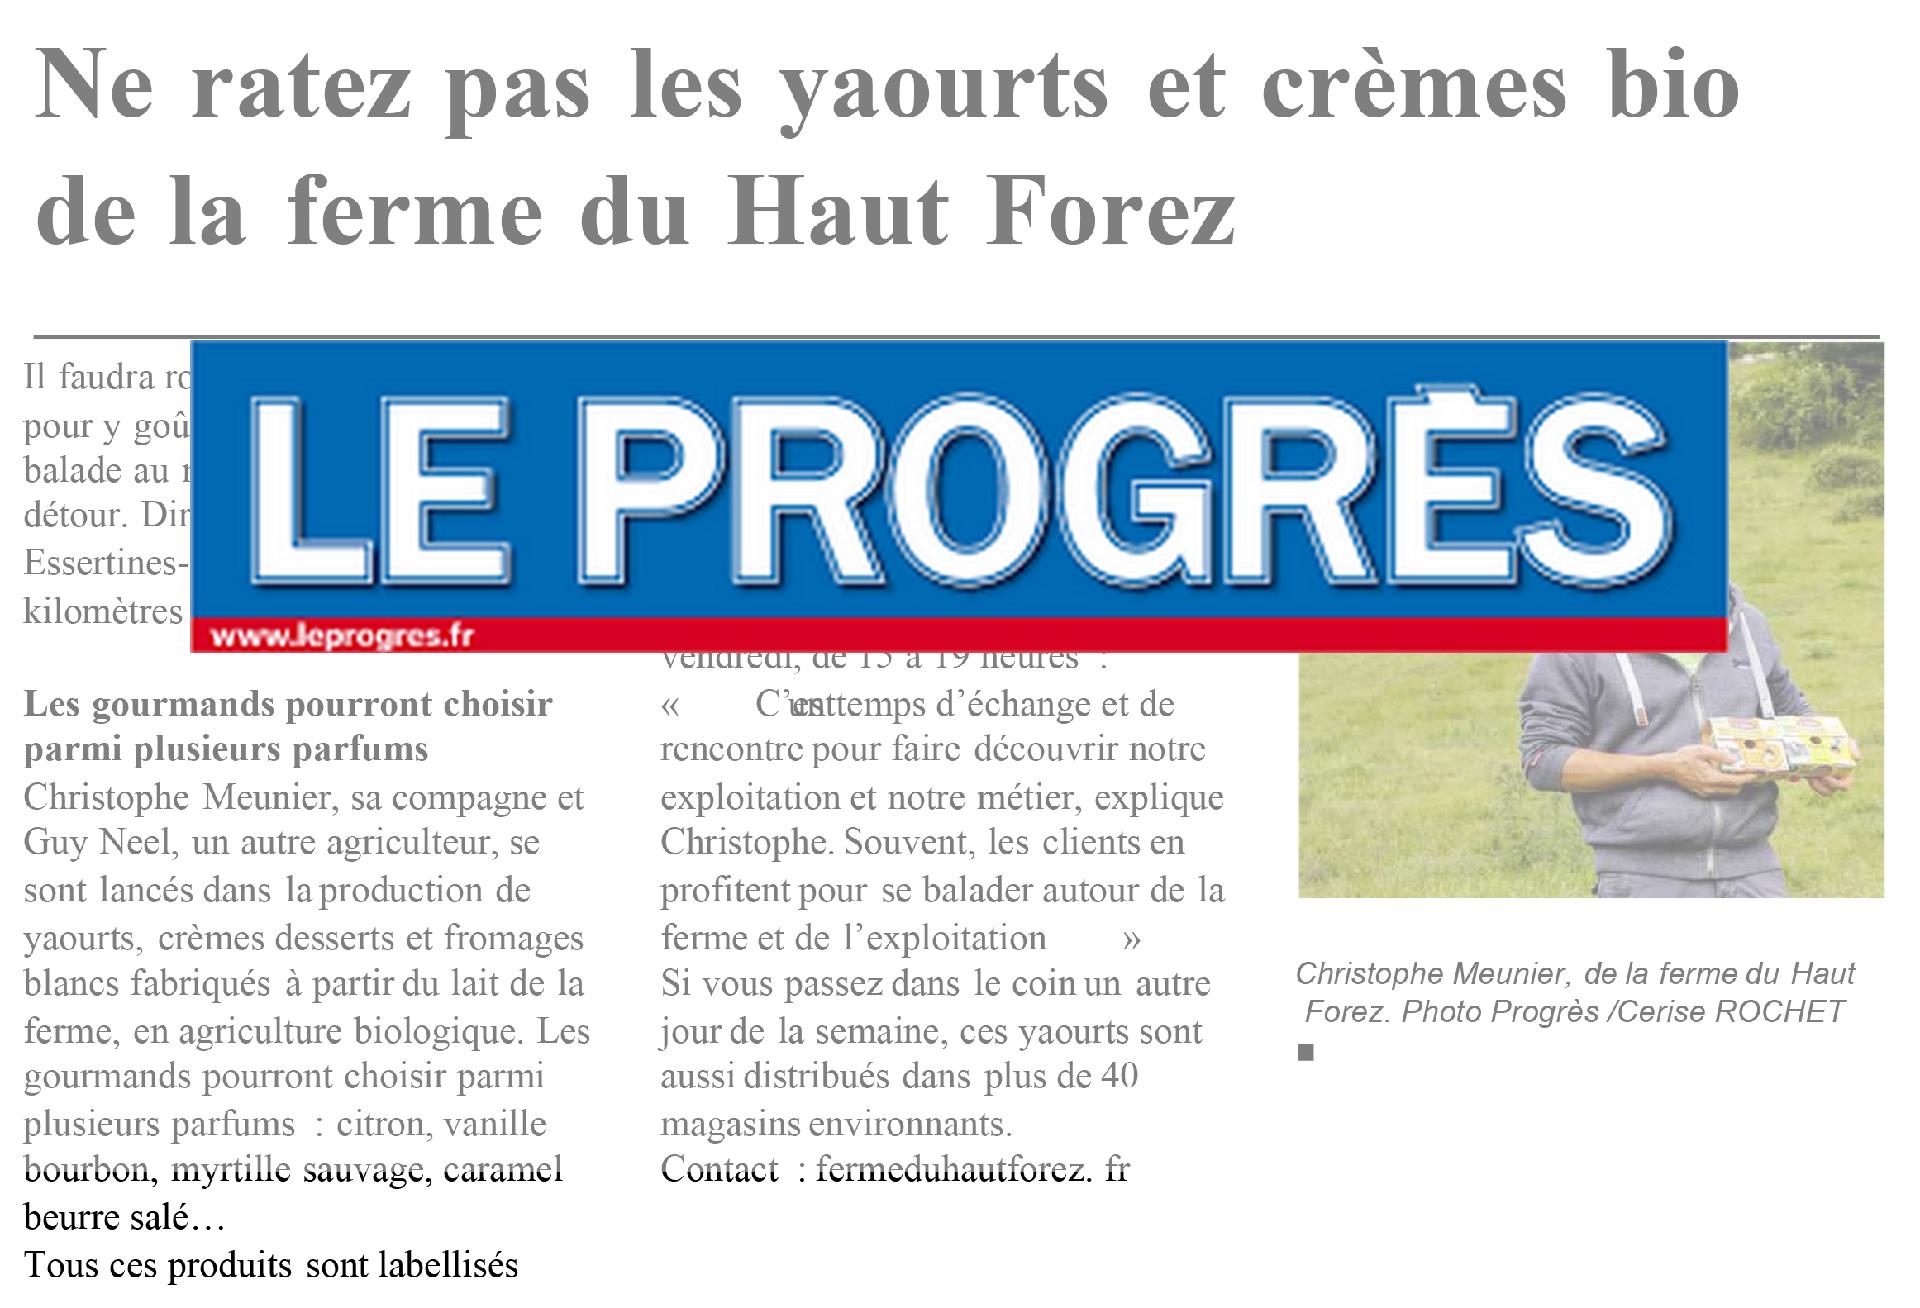 Le Progrès, article du 22/01/2020